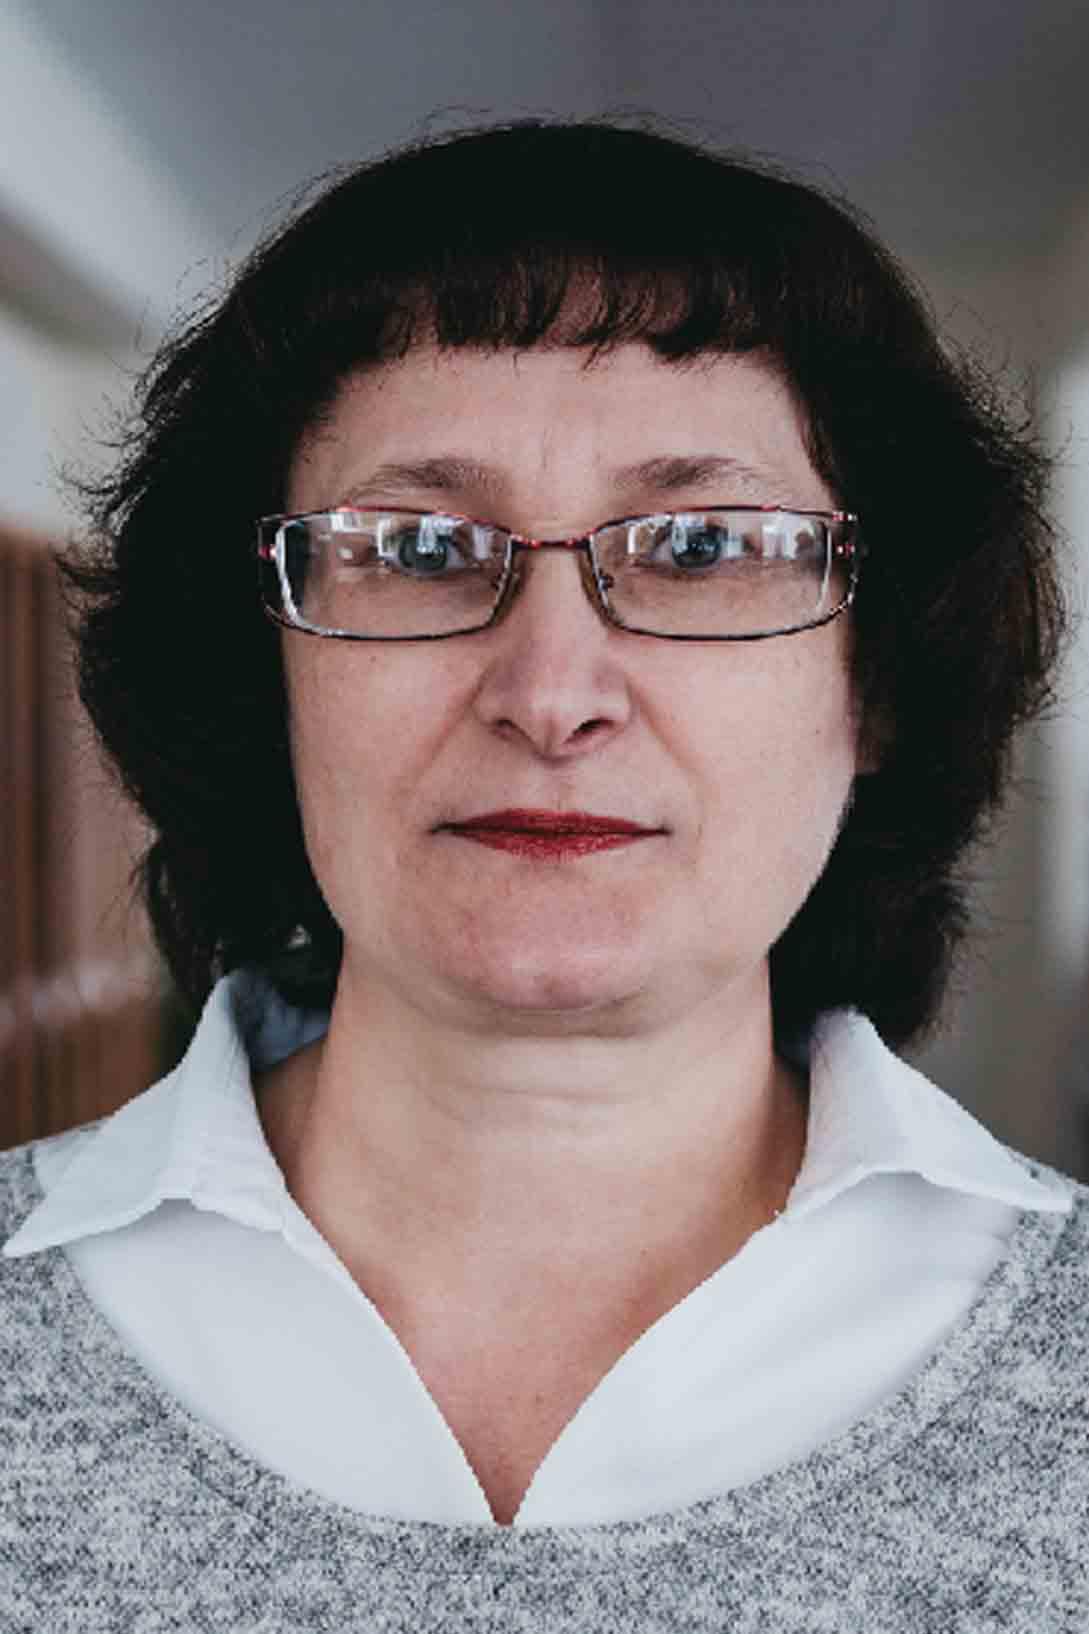 Игуменава Наталля Валер'еўна